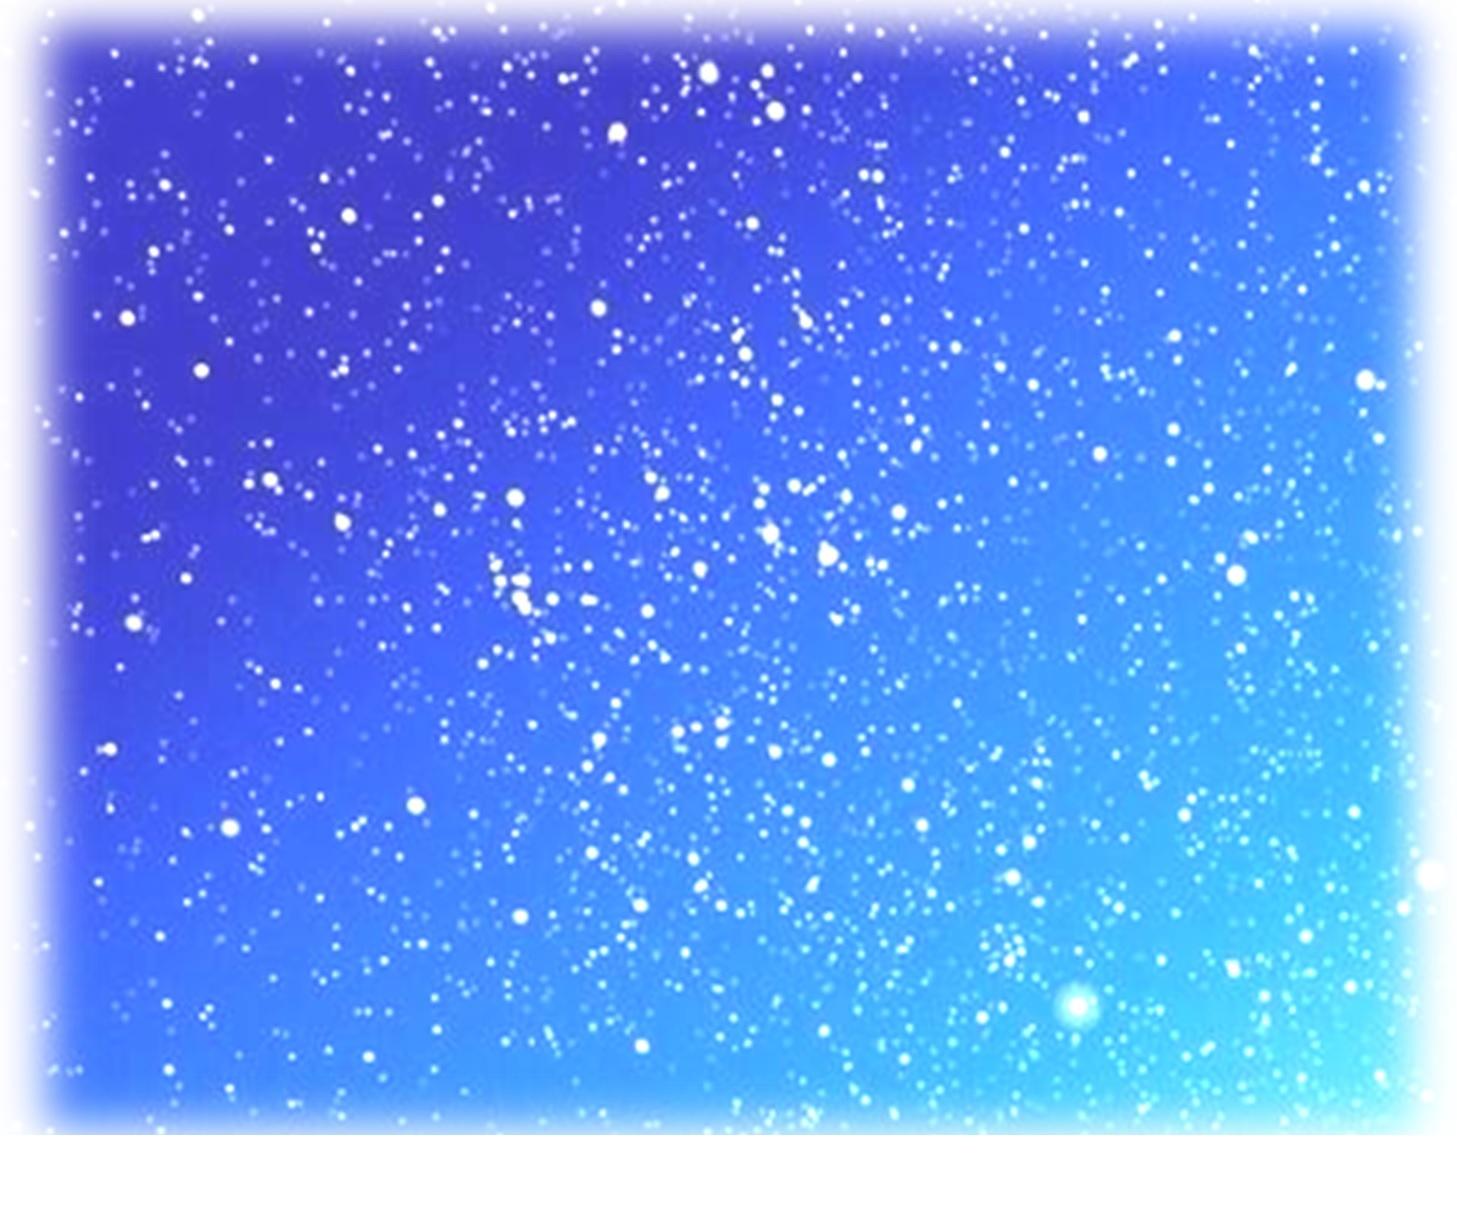 """12月 月替わりコレクション""""月コレ""""販売開始のお知らせ!_e0318040_22385338.jpg"""